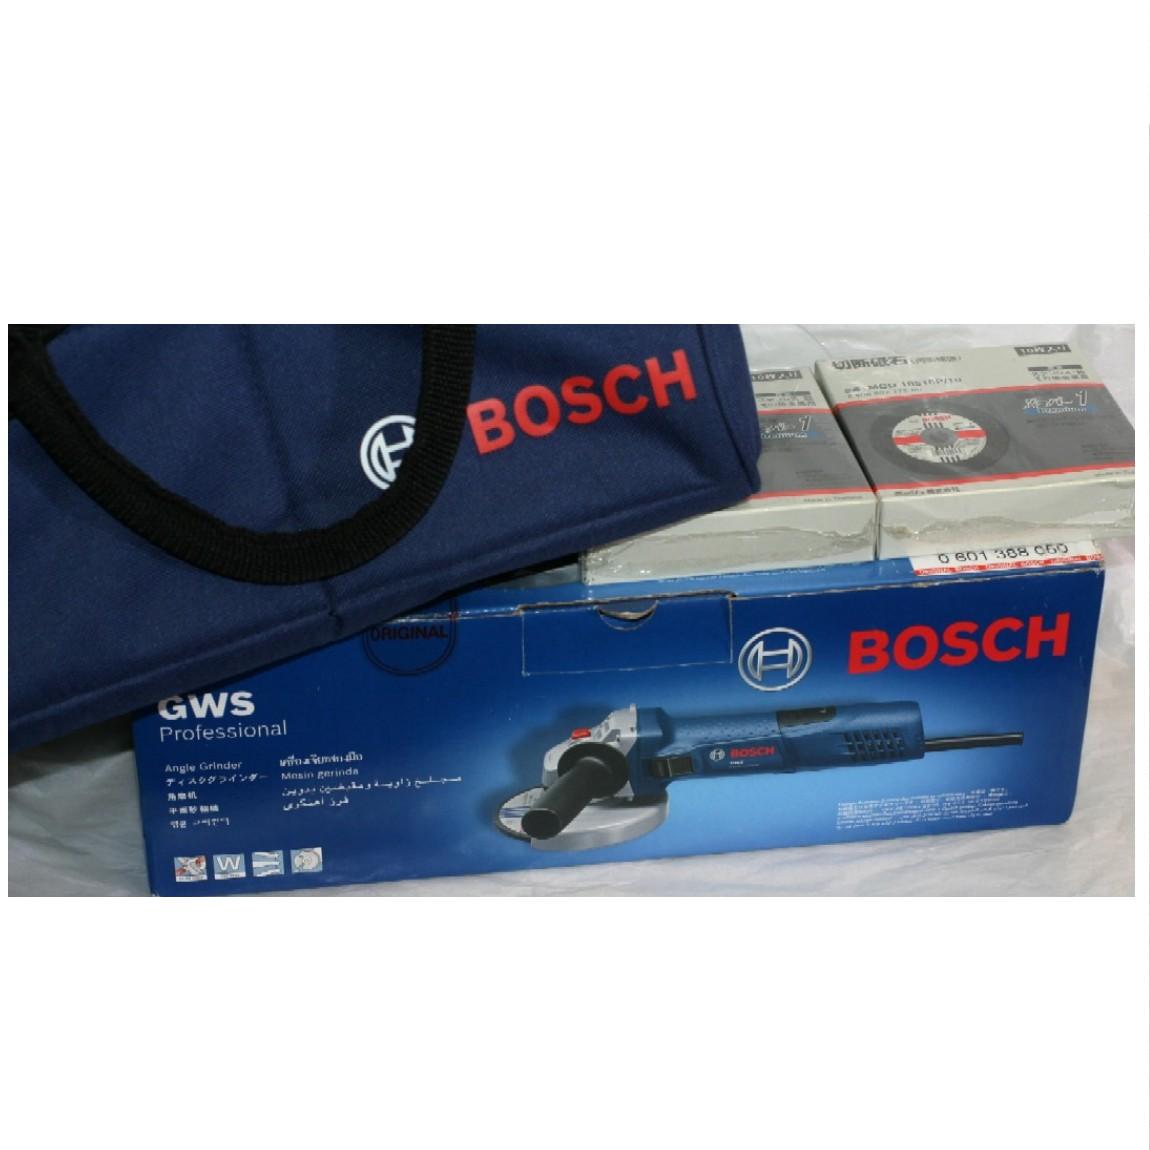 【中古】新品未使用BOSCHボッシュディスクグラインダーGWS7-100にMCD10510P/10切断砥石2個と純正ケースつき お得です ○J12-56